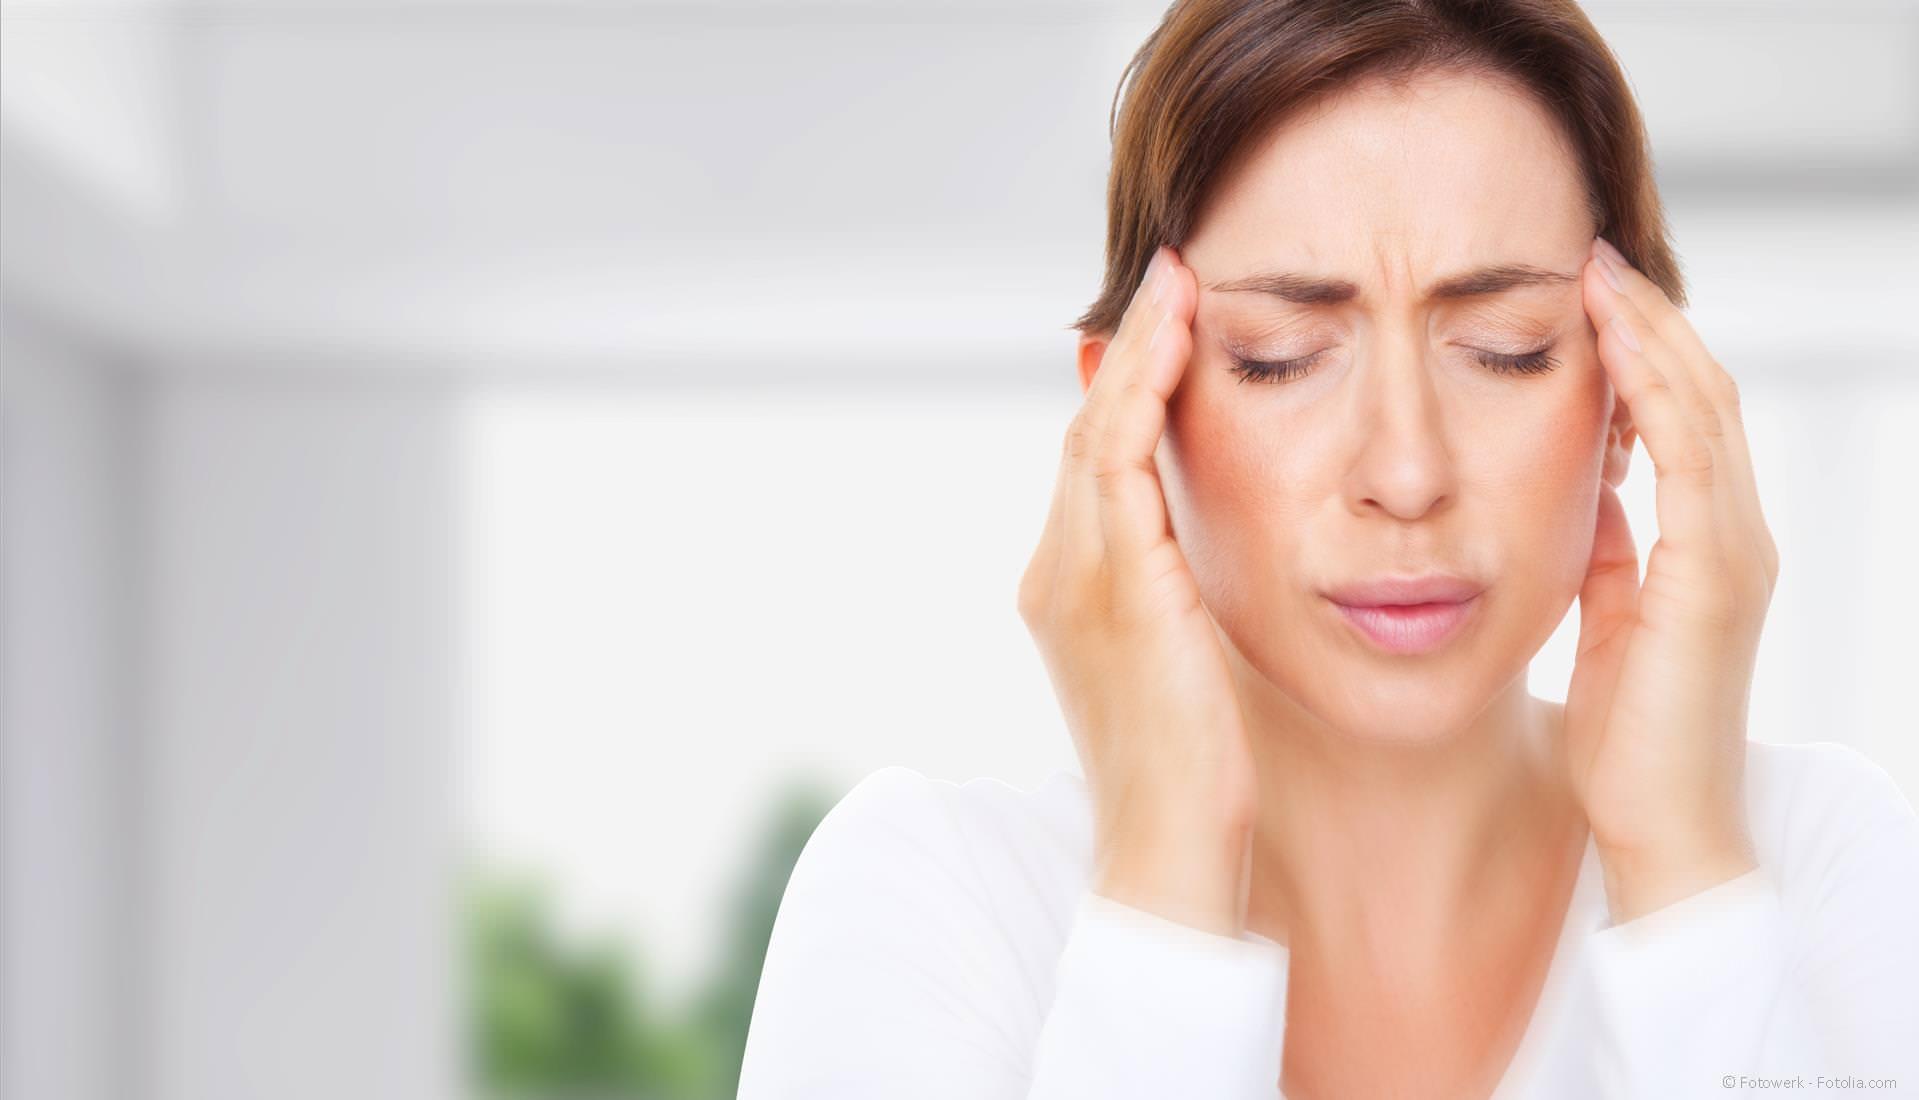 Zähneknirschen, Ohrenschmerzen: Behandlung von Kiefergelenks-Problemen